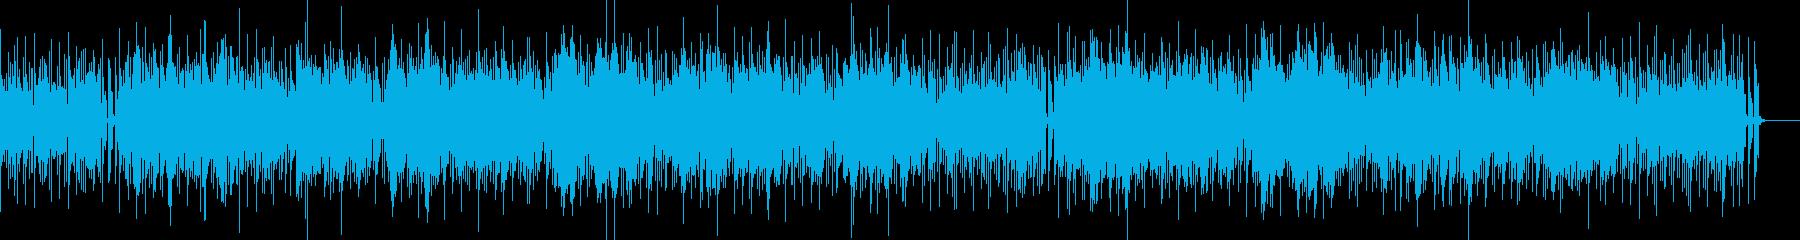 シンセサウンドのボサノバの再生済みの波形